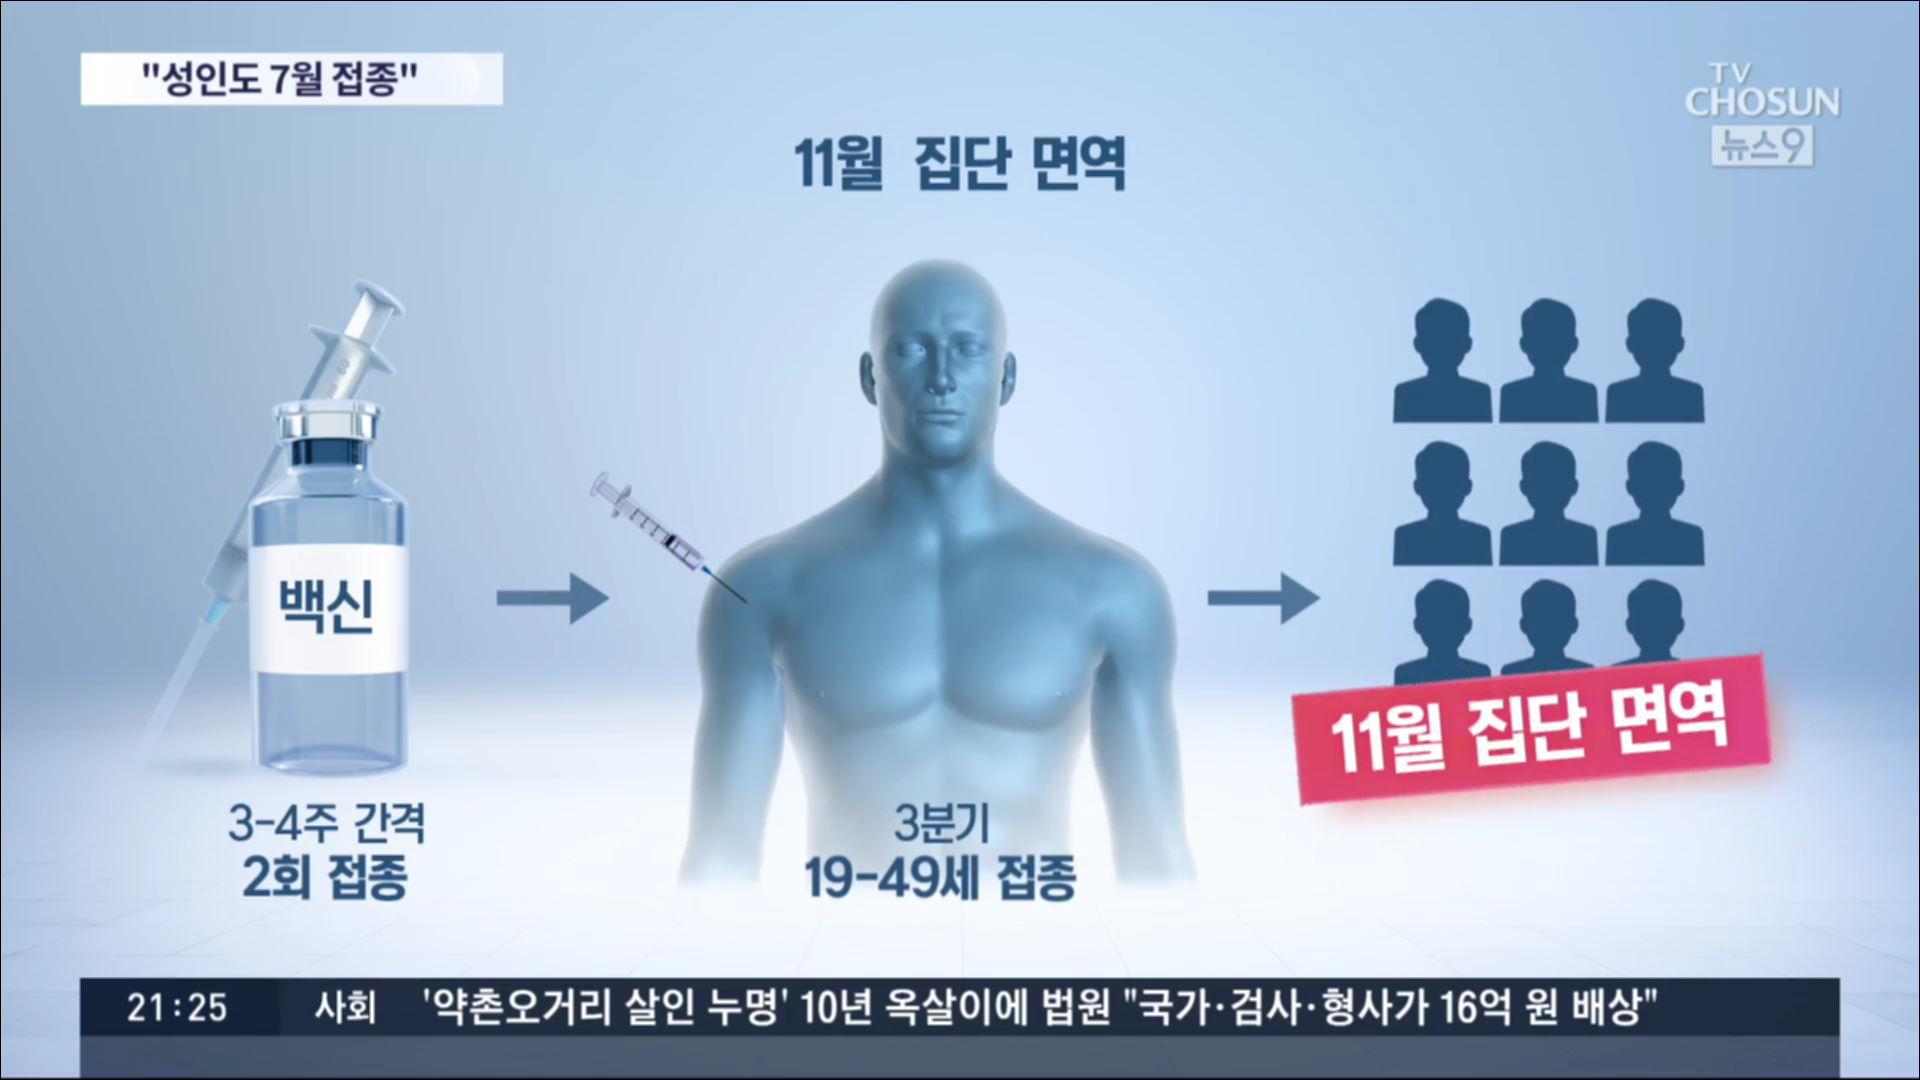 방역당국 '19~49세 건강한 성인도 3분기부터 백신접종'